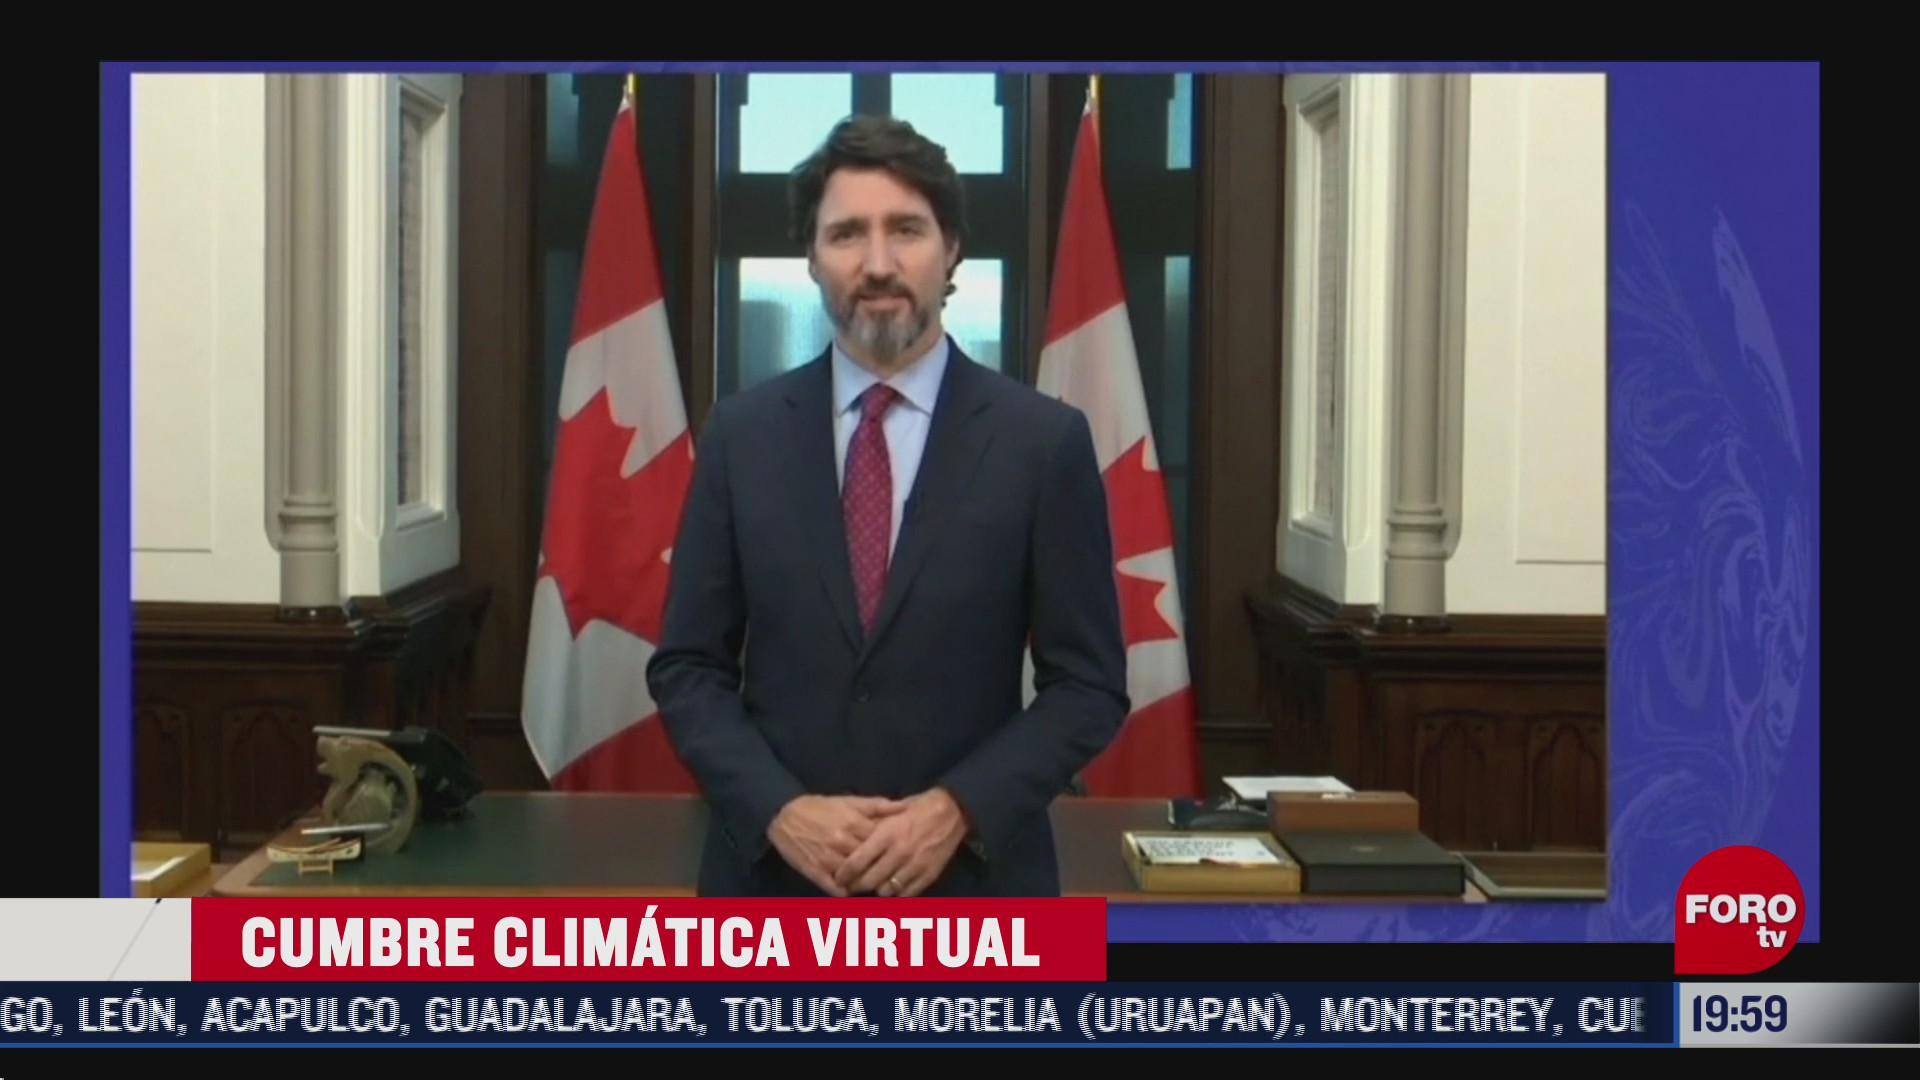 se realiza cumbre climatica virtual para celebrar los cinco anos del acuerdo de paris